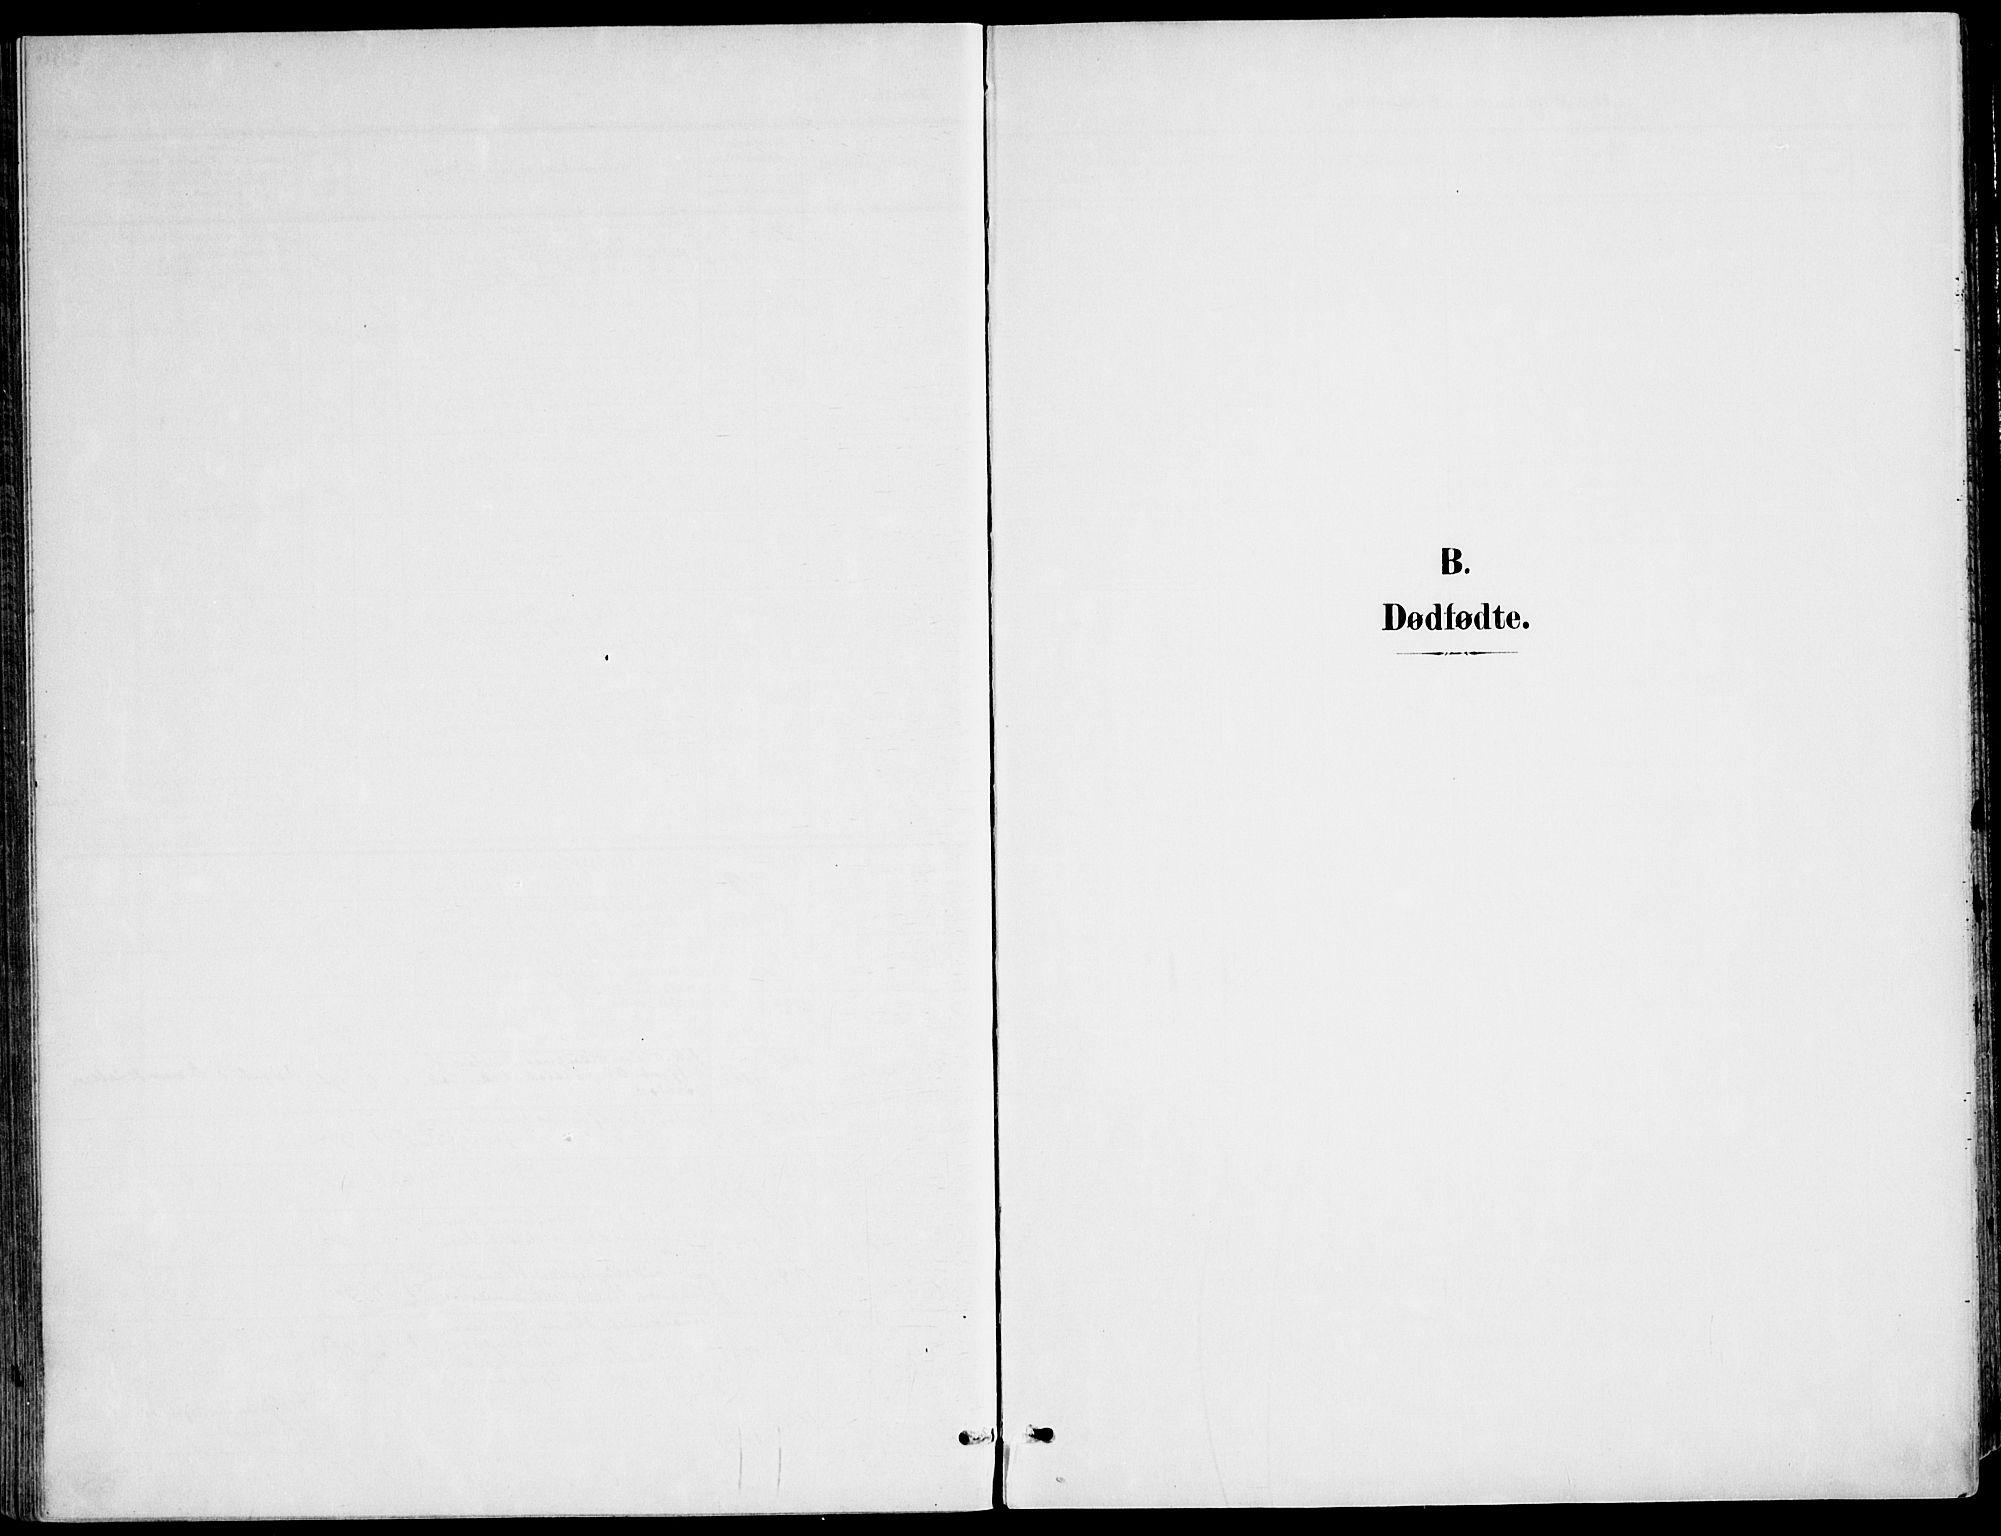 SAT, Ministerialprotokoller, klokkerbøker og fødselsregistre - Sør-Trøndelag, 607/L0320: Ministerialbok nr. 607A04, 1907-1915